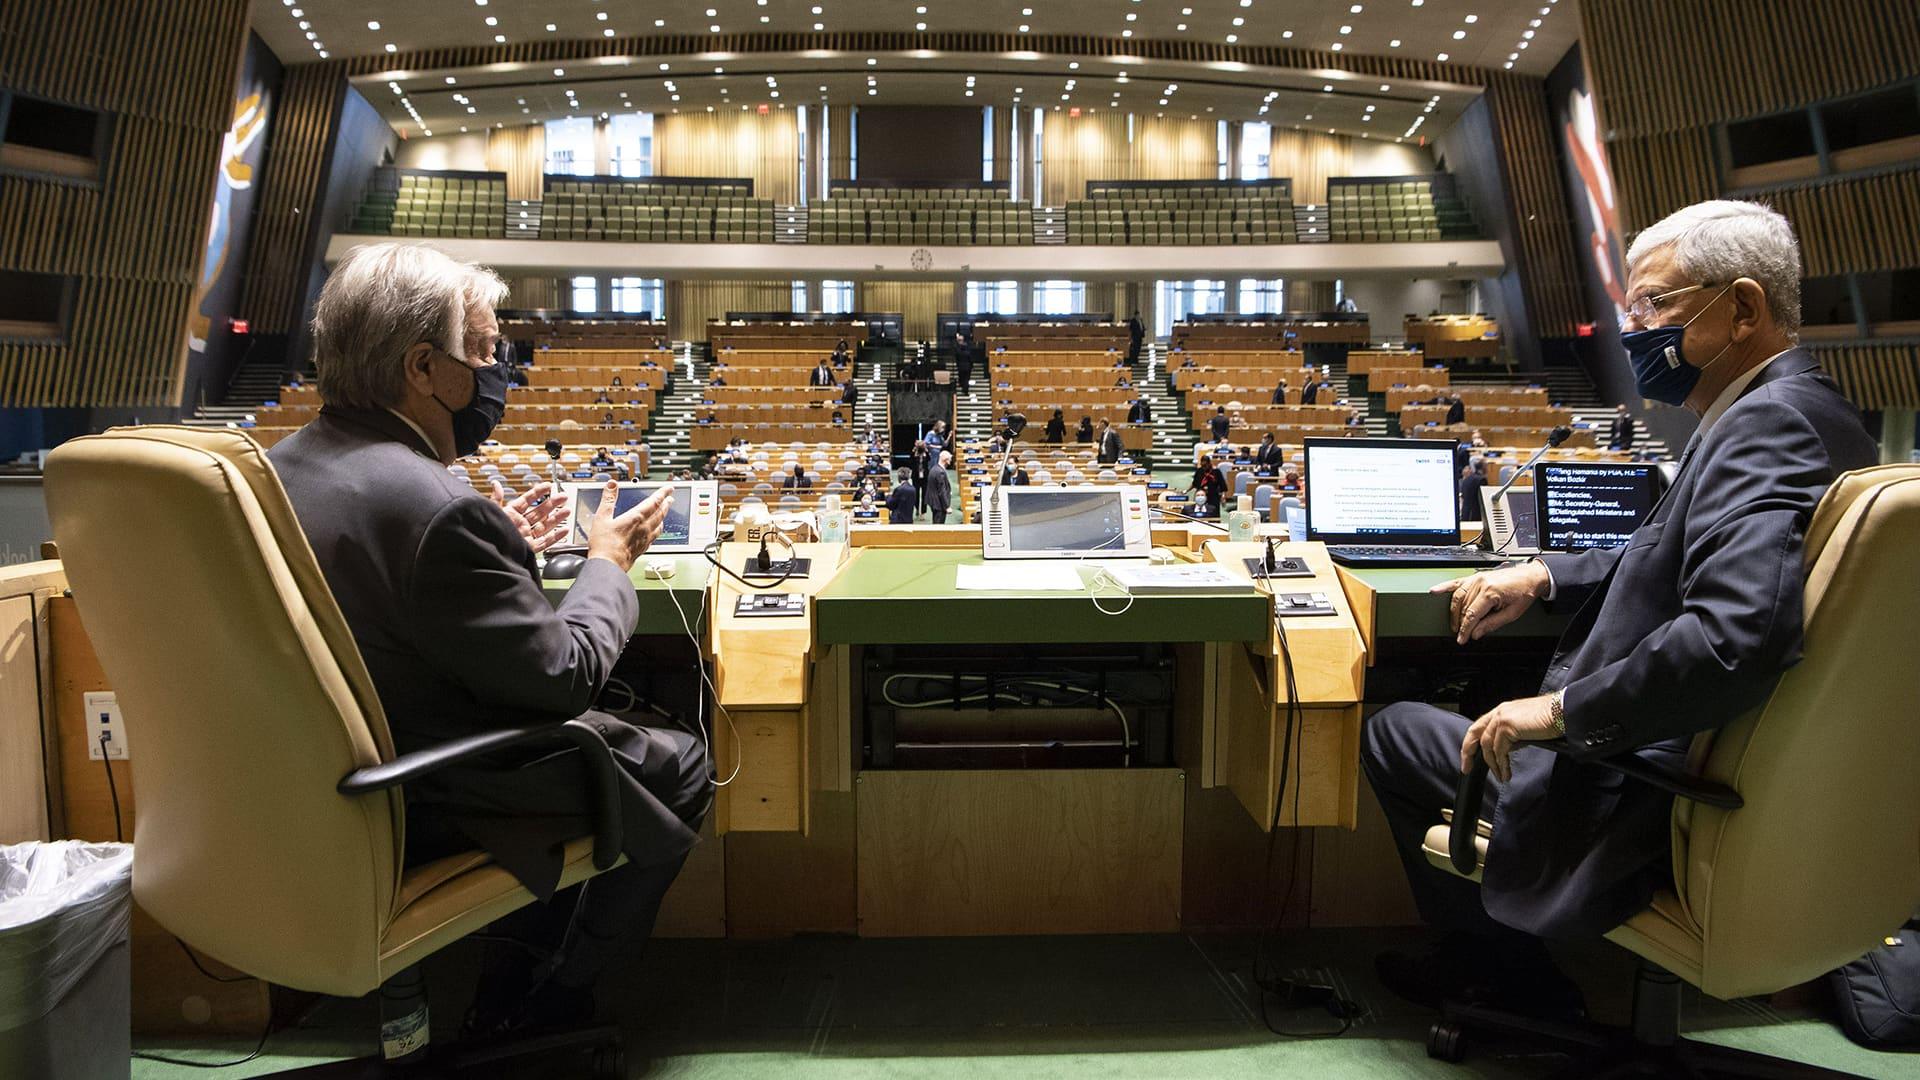 USA:n Trump, Kiinan Xi ja Venäjän Putin pitävät etäpuheensa YK:ssa